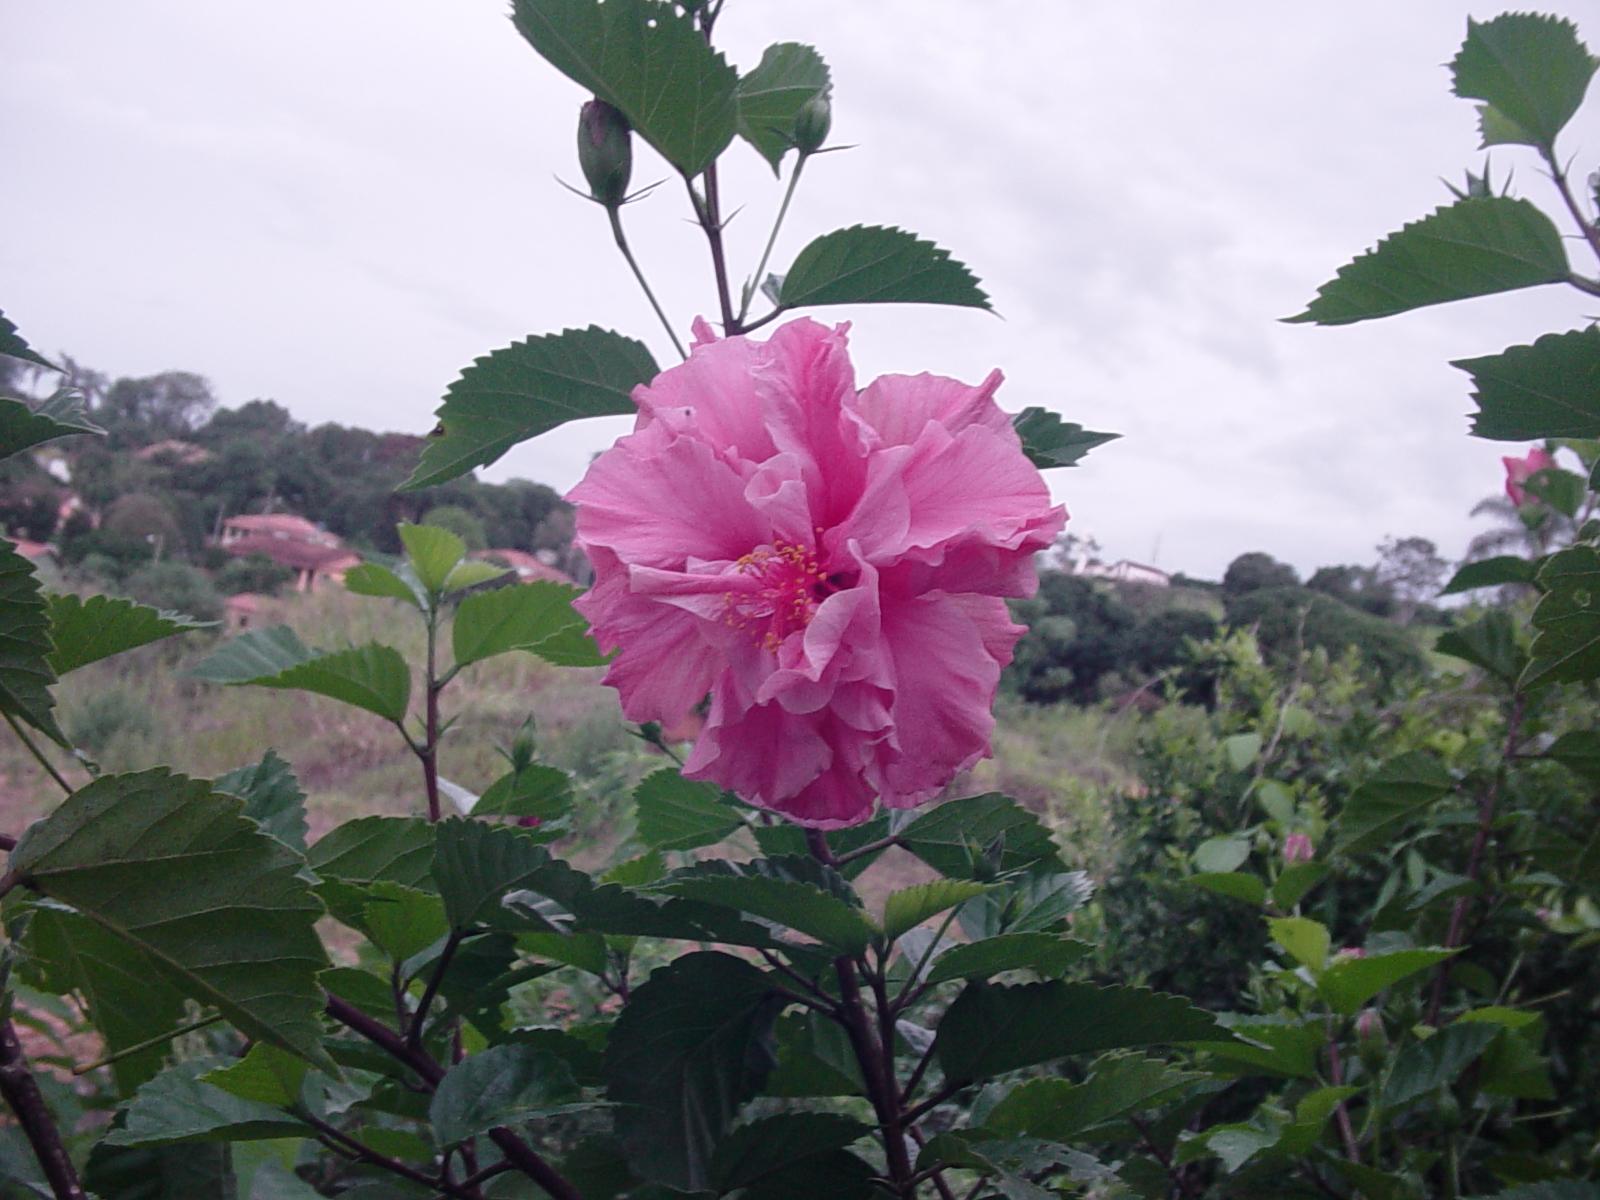 se fortifique de maneira a suportar o longo período de floração